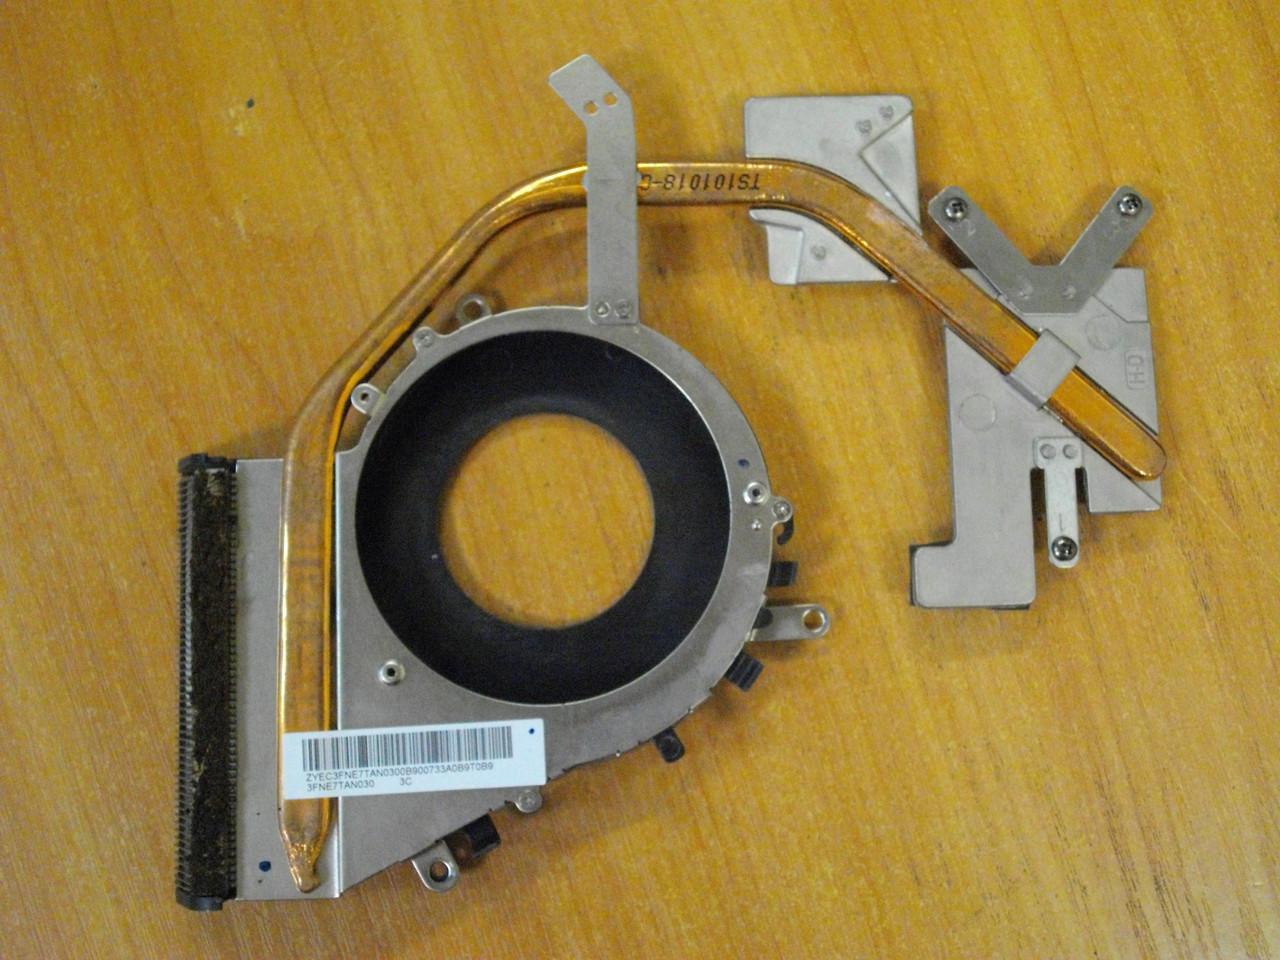 Радиатор 3FNE7TAN030 Система Охлаждение Sony PCG-61611L бу